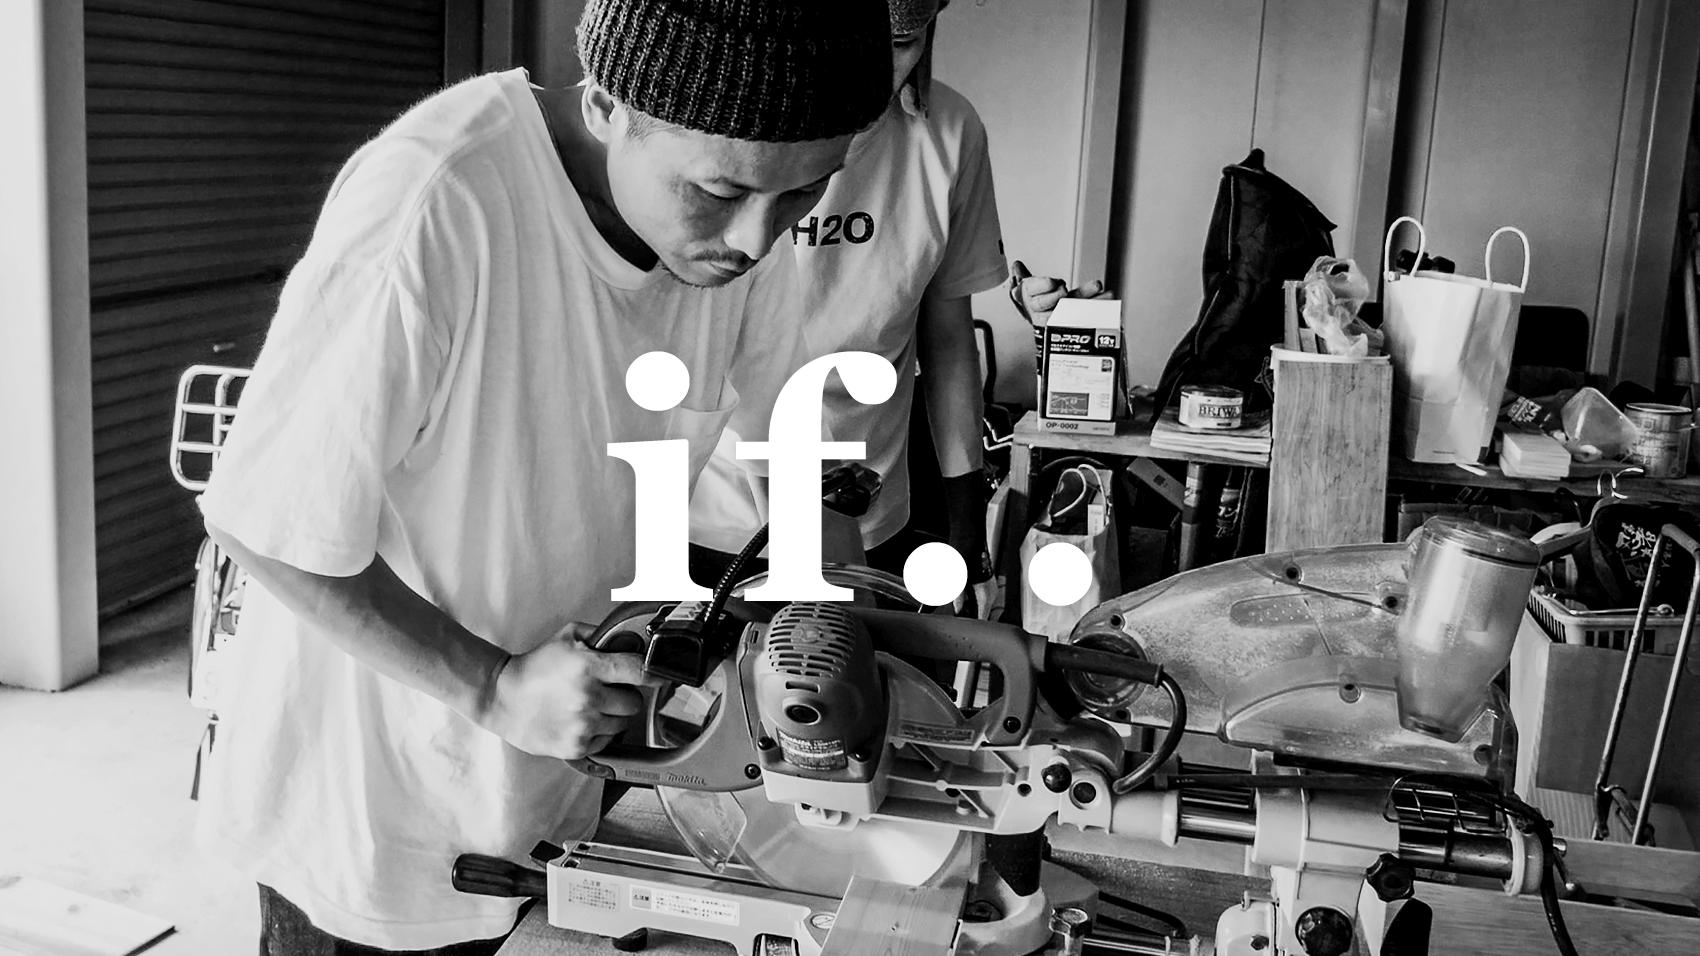 もしデザイナーになってなかったら、今ごろどんな仕事をしてた?